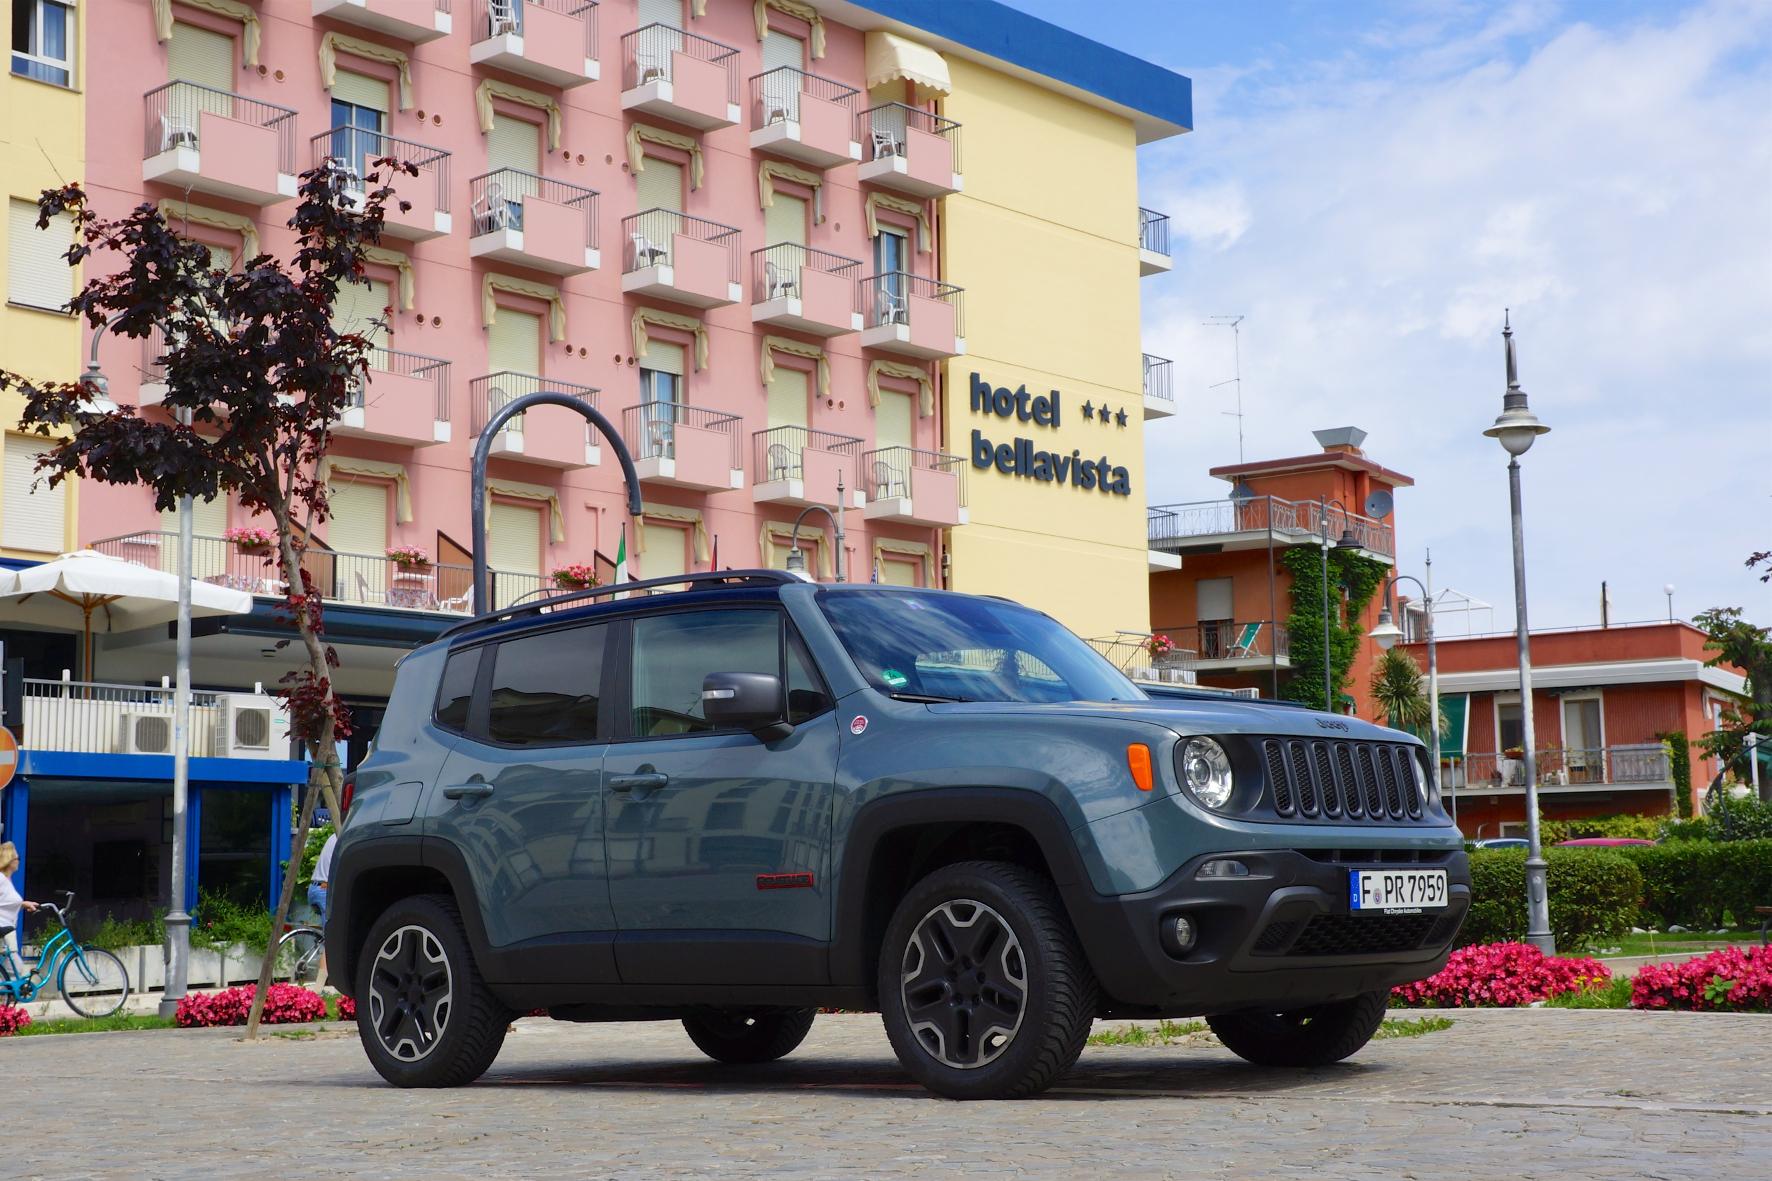 mid Gabicce Mare - Kompakt-SUV mit Ecken und Kanten: der Jeep Renegade.